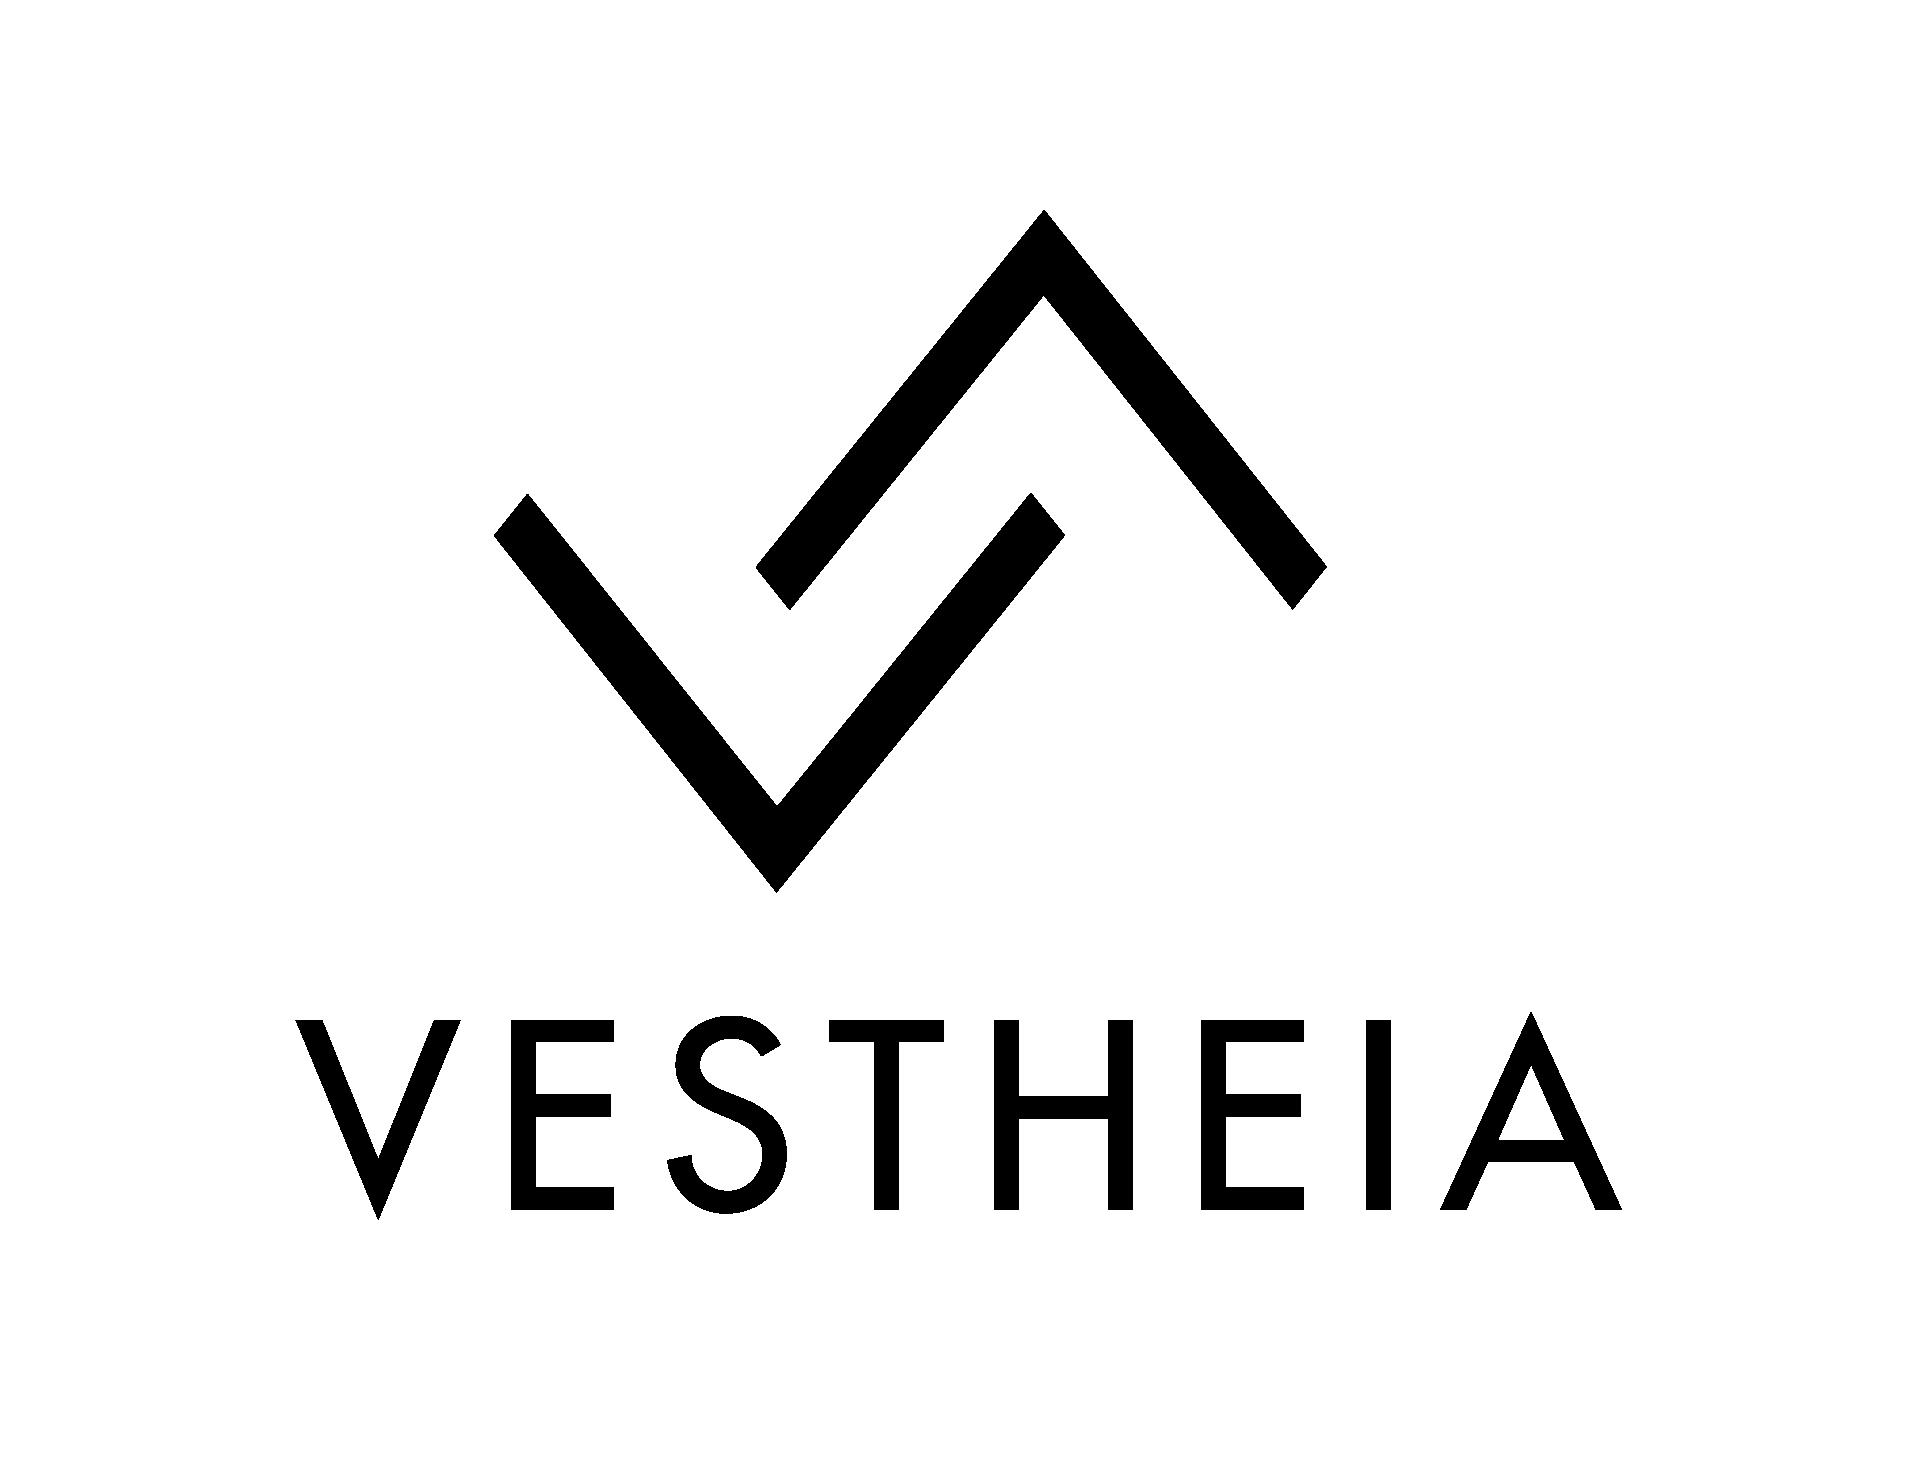 Vestheia